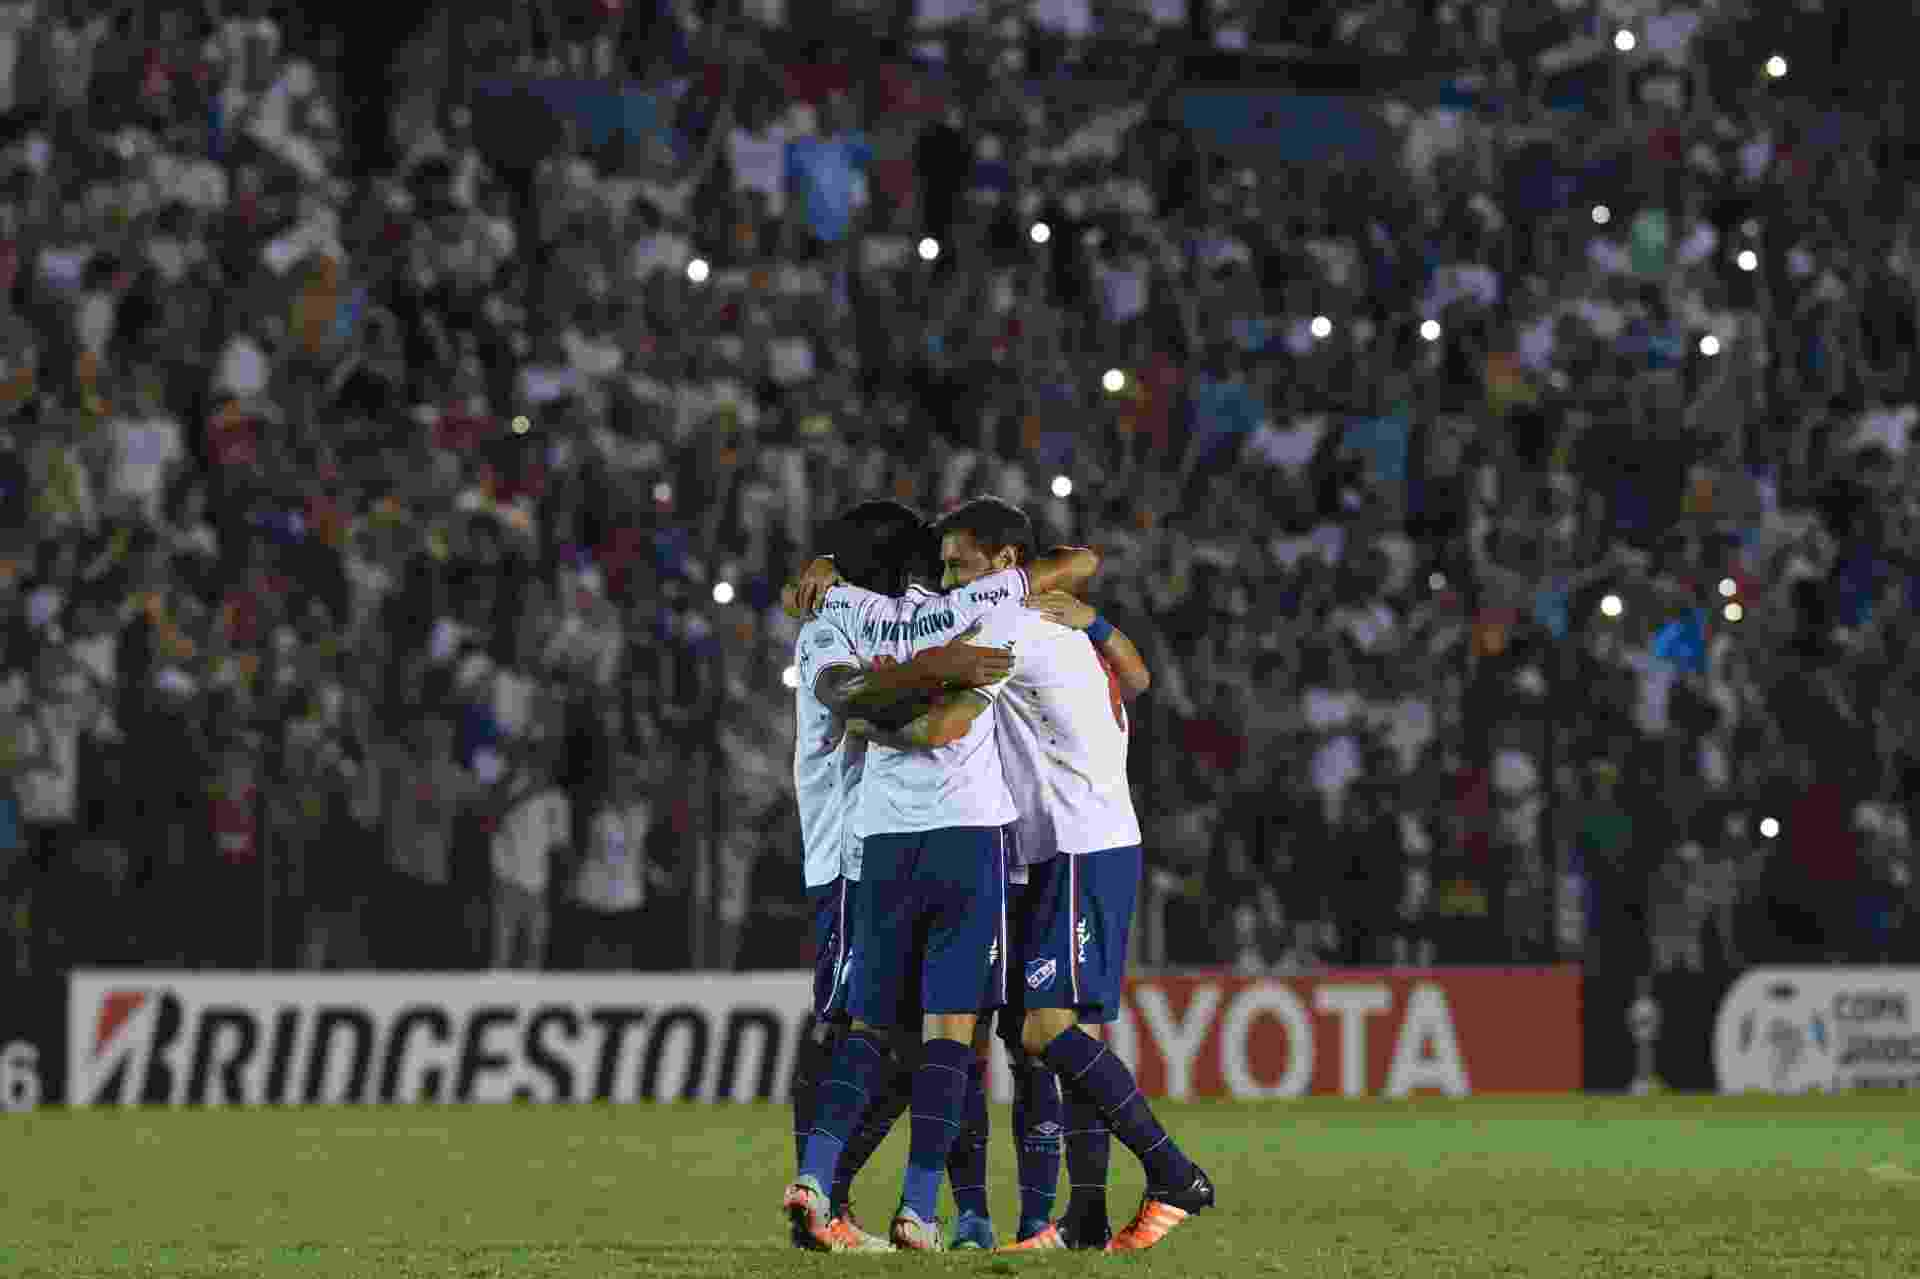 Jogadores do Nacional-URU comemoram a vitória sobre o Palmeiras - PABLO PORCIUNCULA/AFP